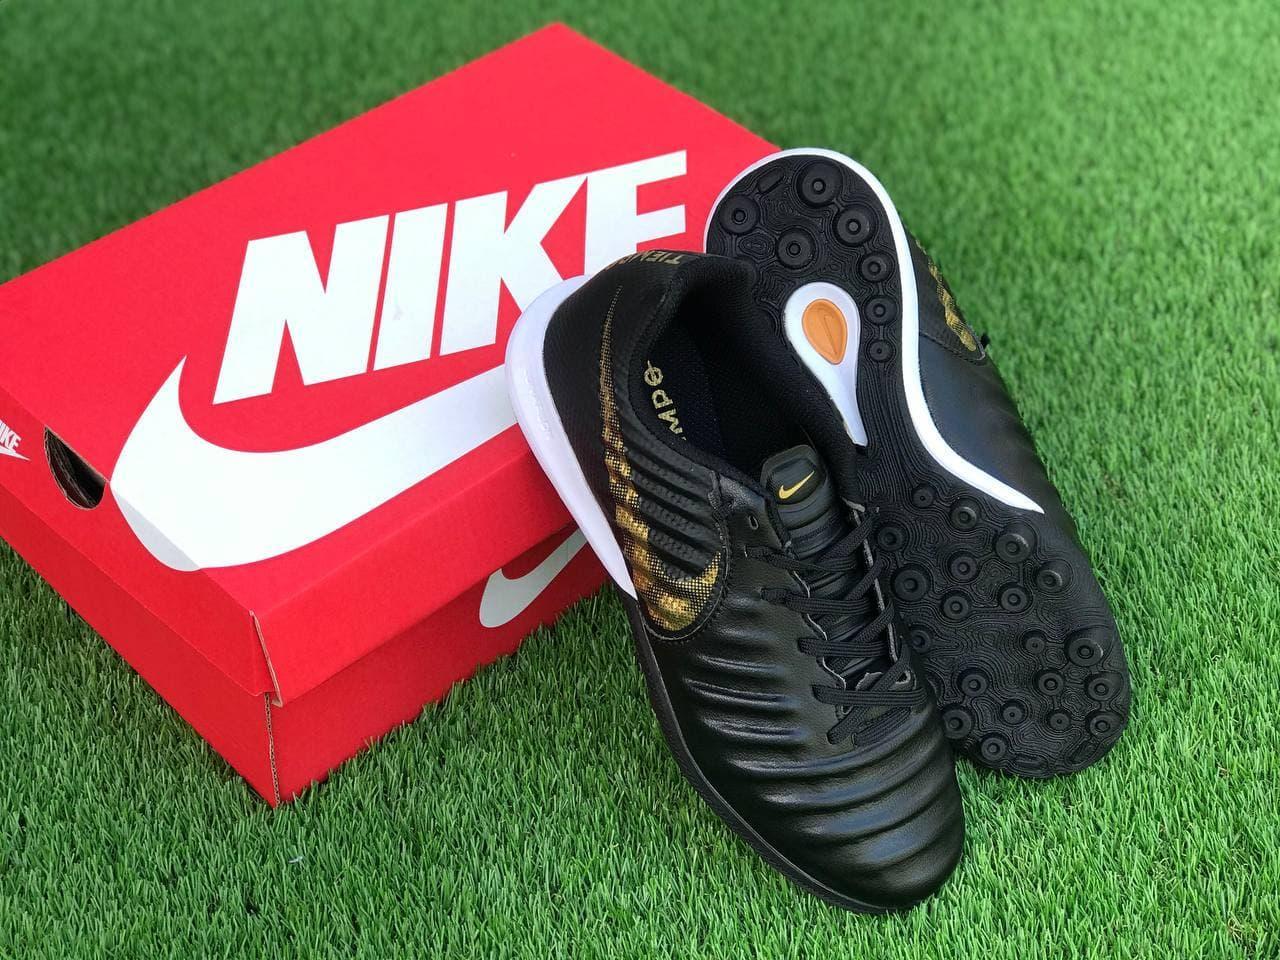 Футбольні Стоноги Nike Tiempo Х взуття для гри у футбол найк темпо Х